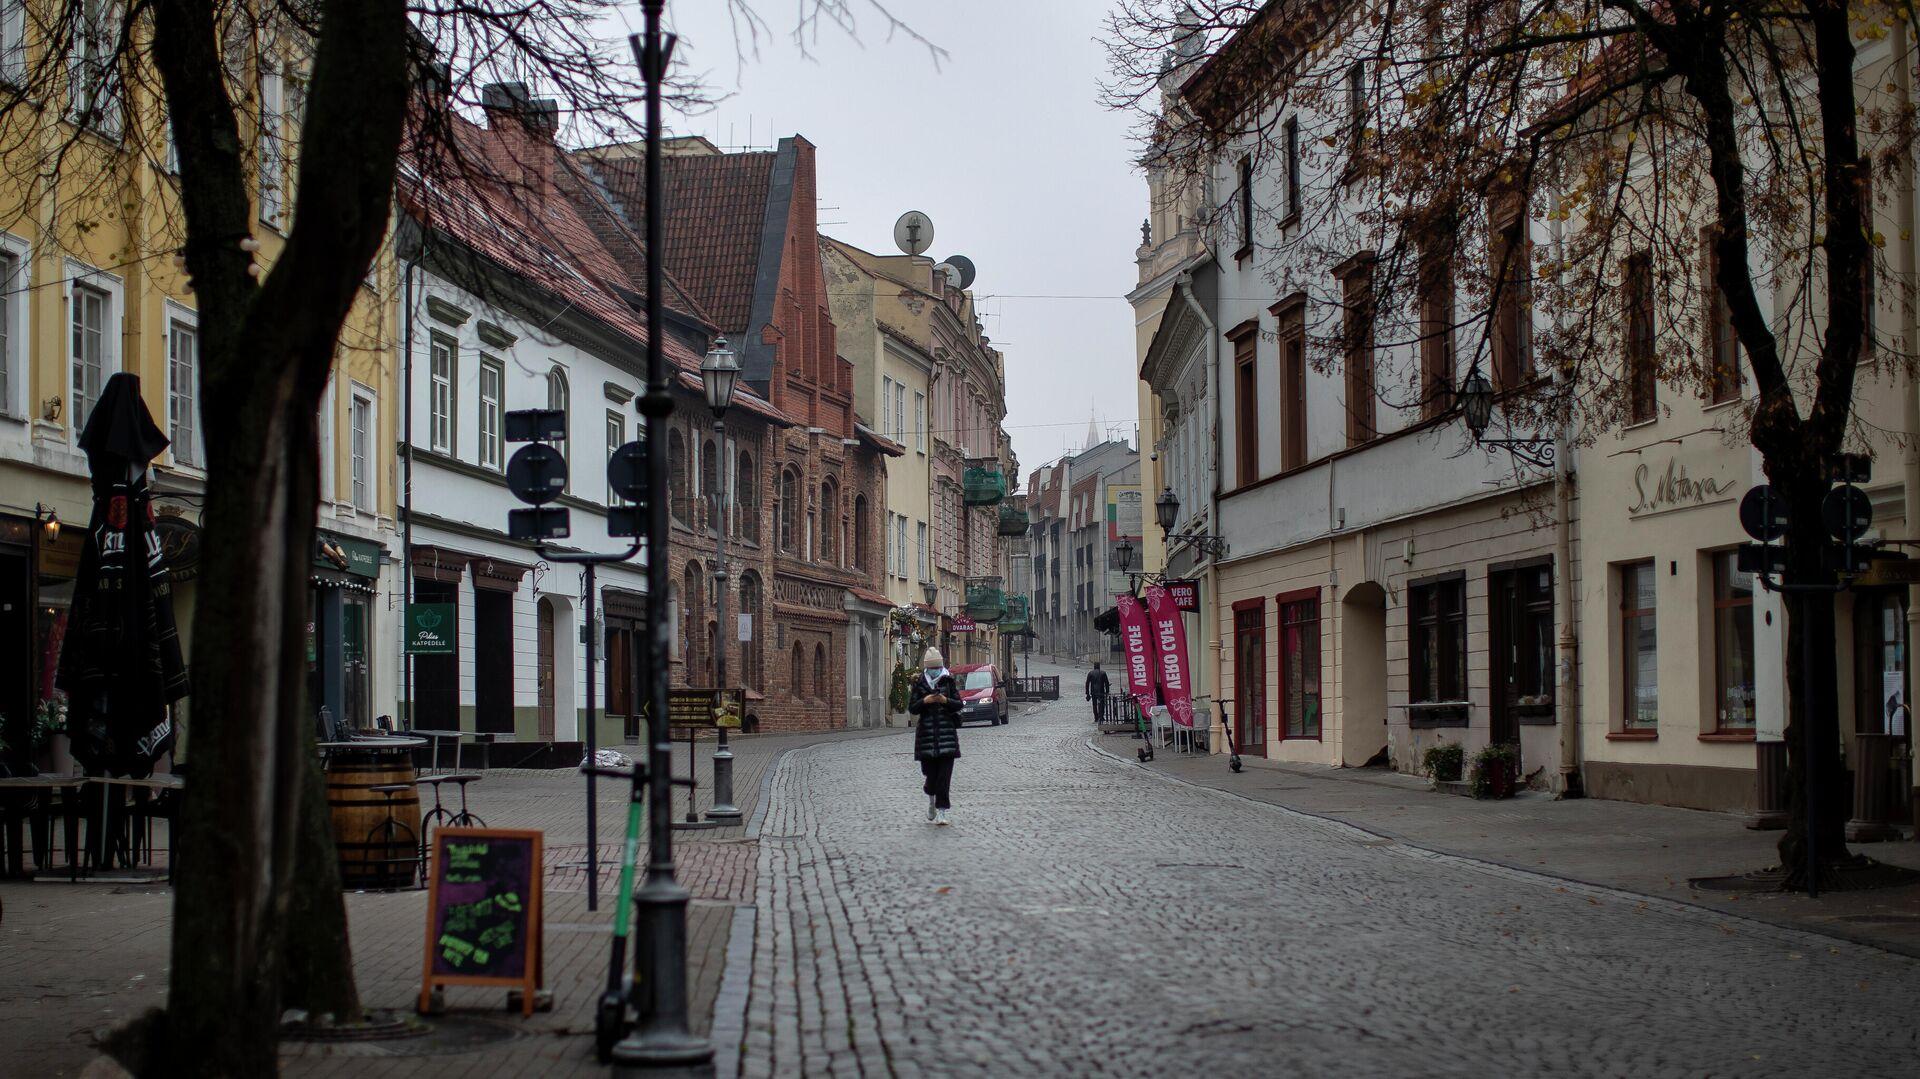 Местный житель в маске гуляет по пустому Старому городу в Вильнюсе - РИА Новости, 1920, 03.01.2021